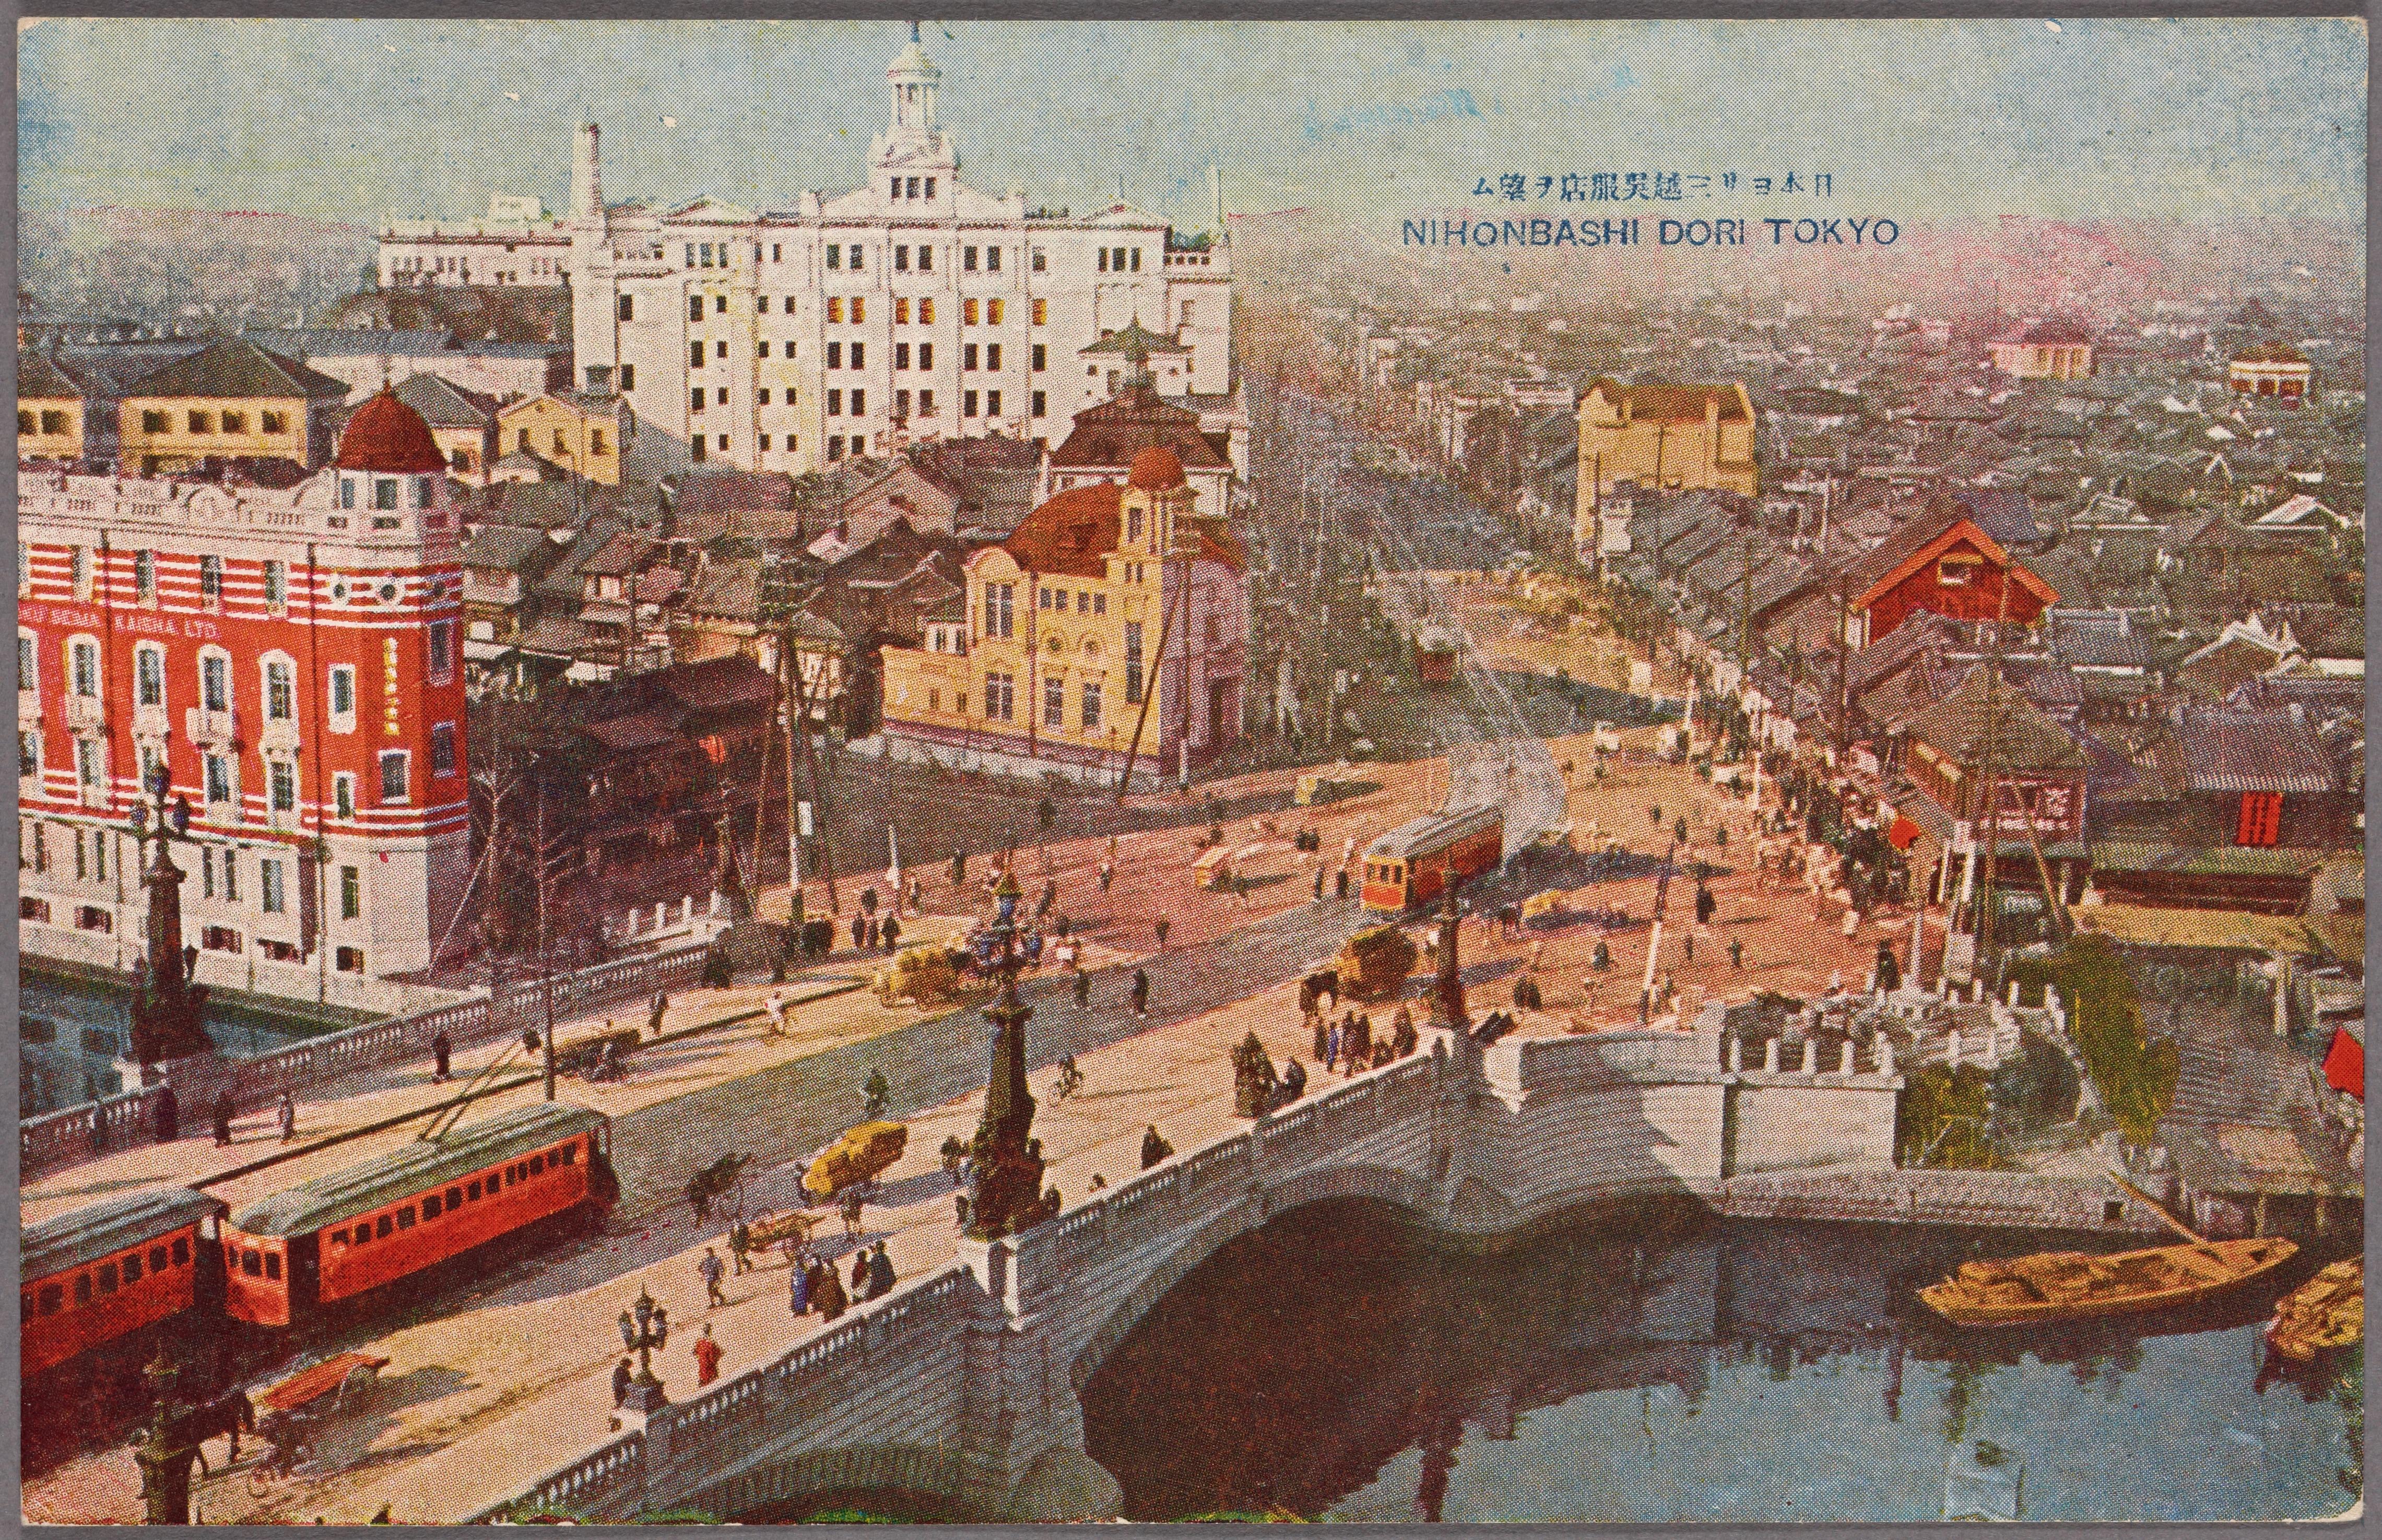 Tokyo circa 1922